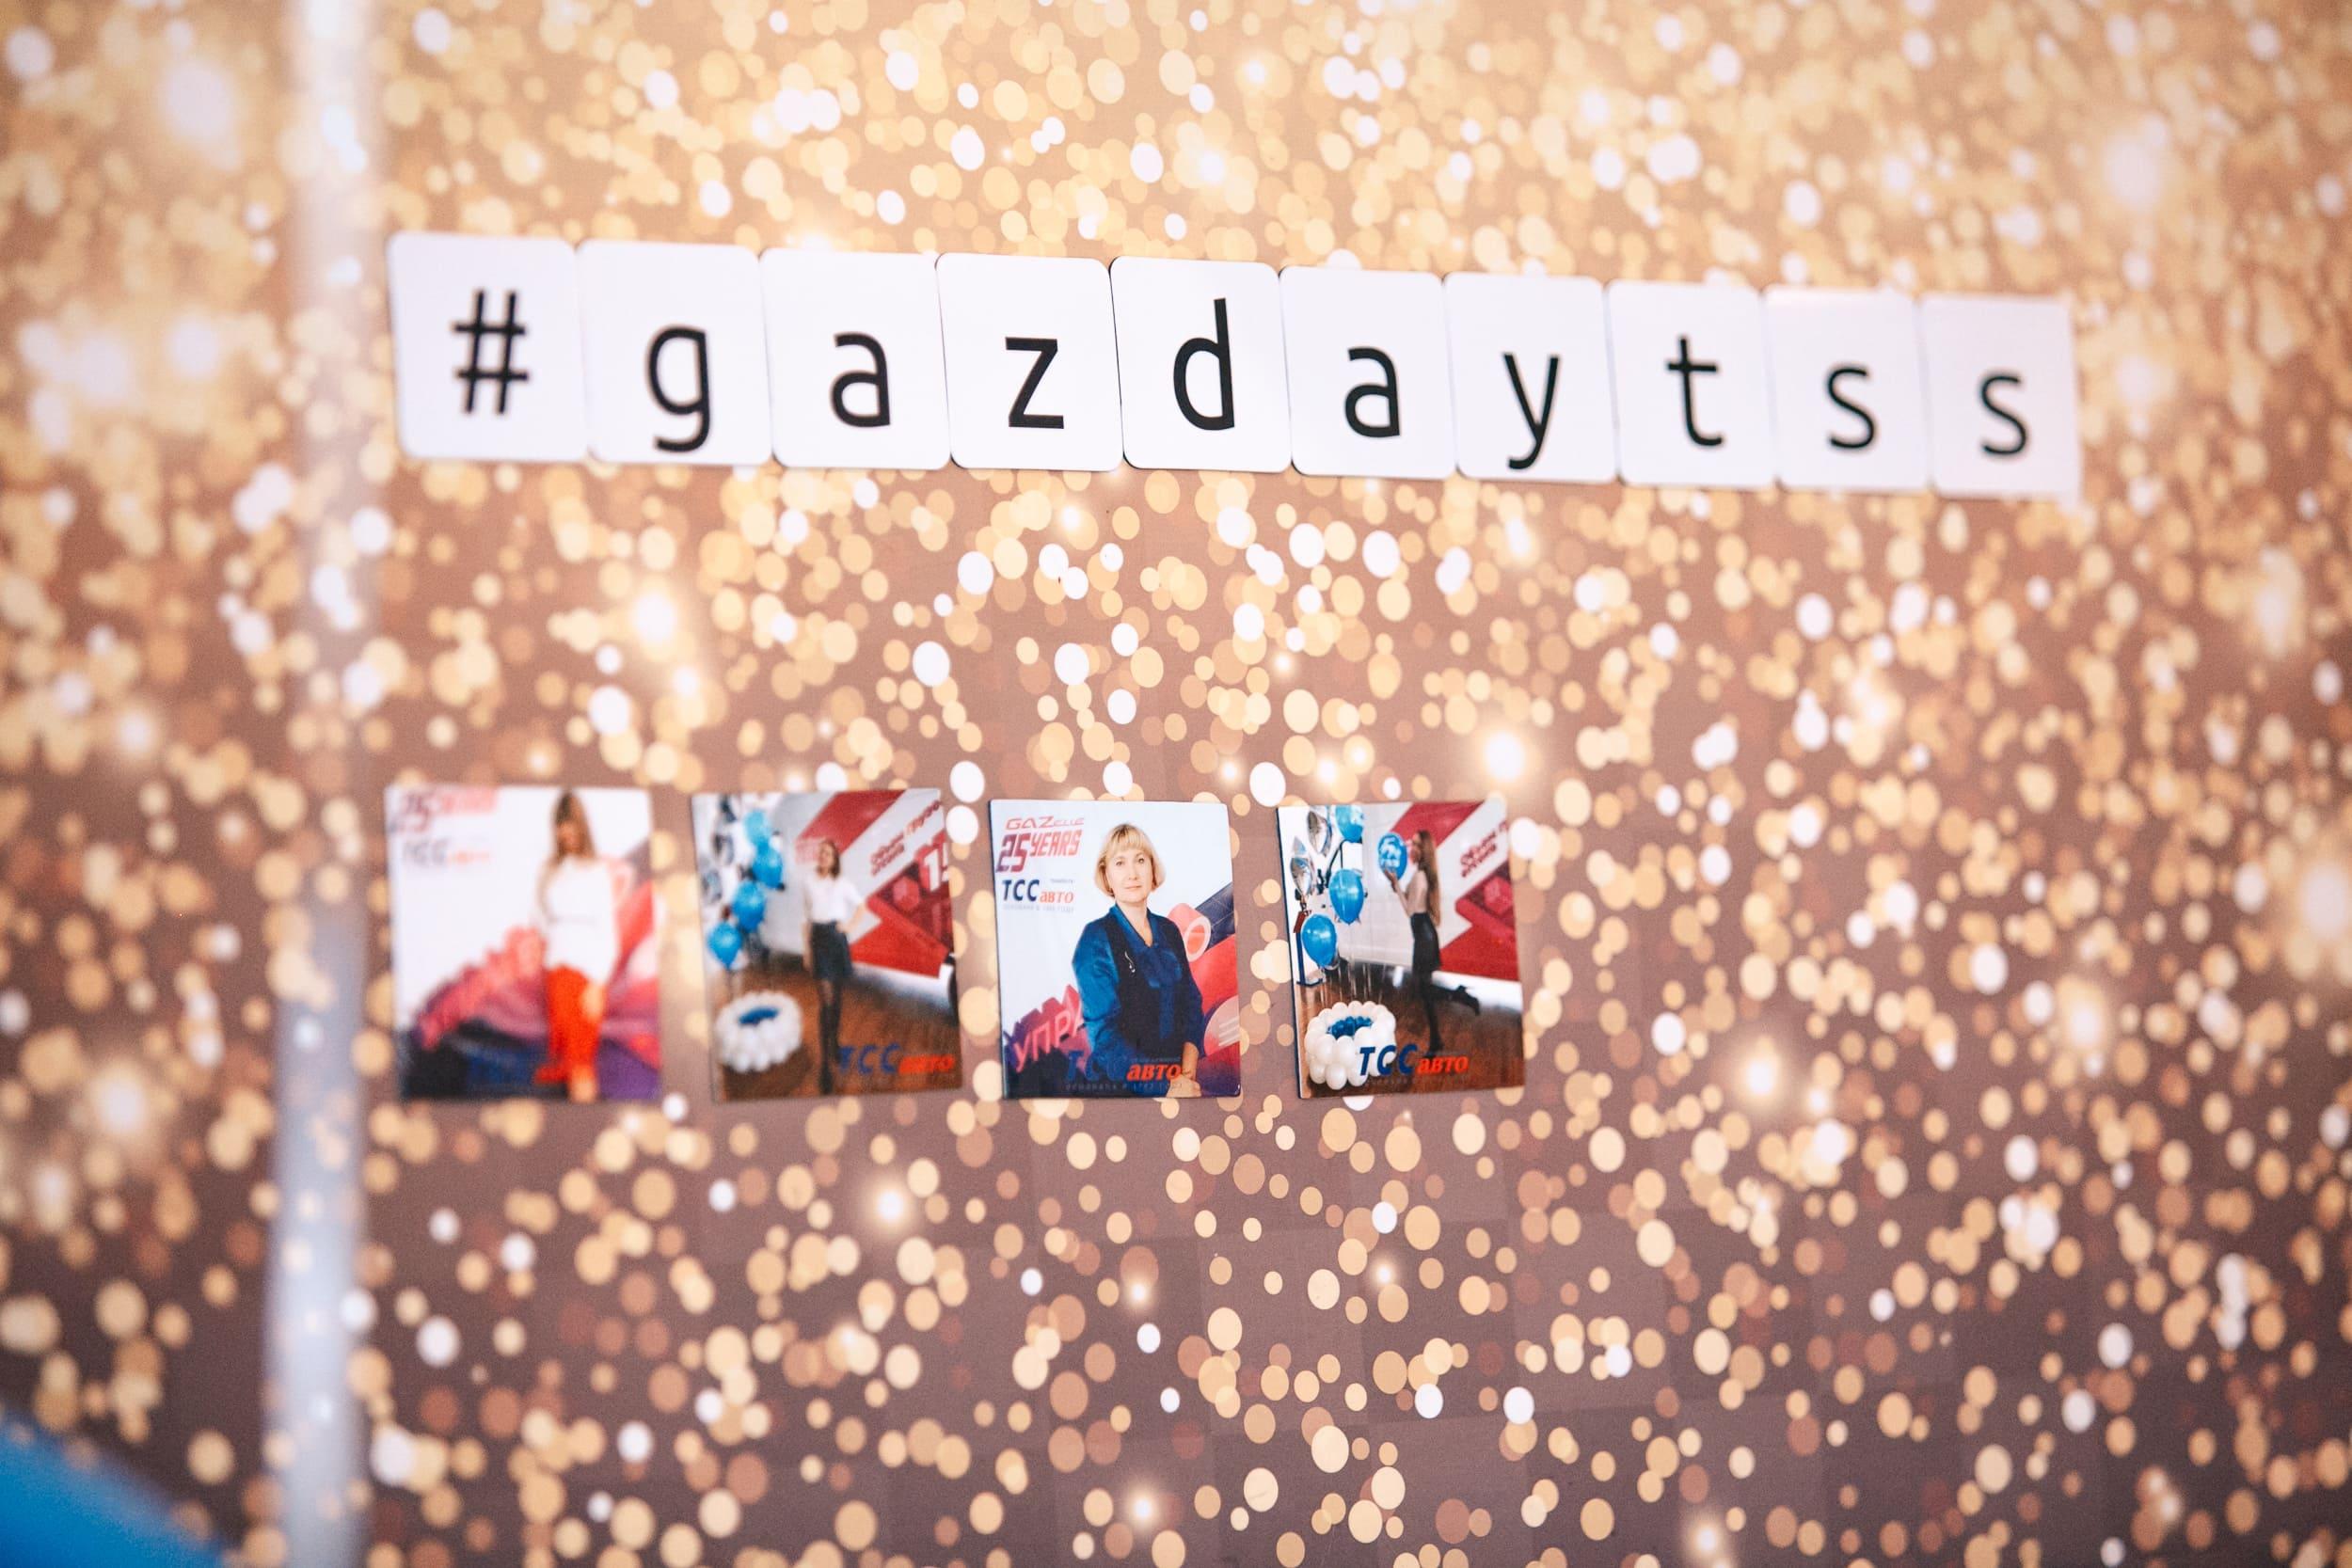 gazdaytss